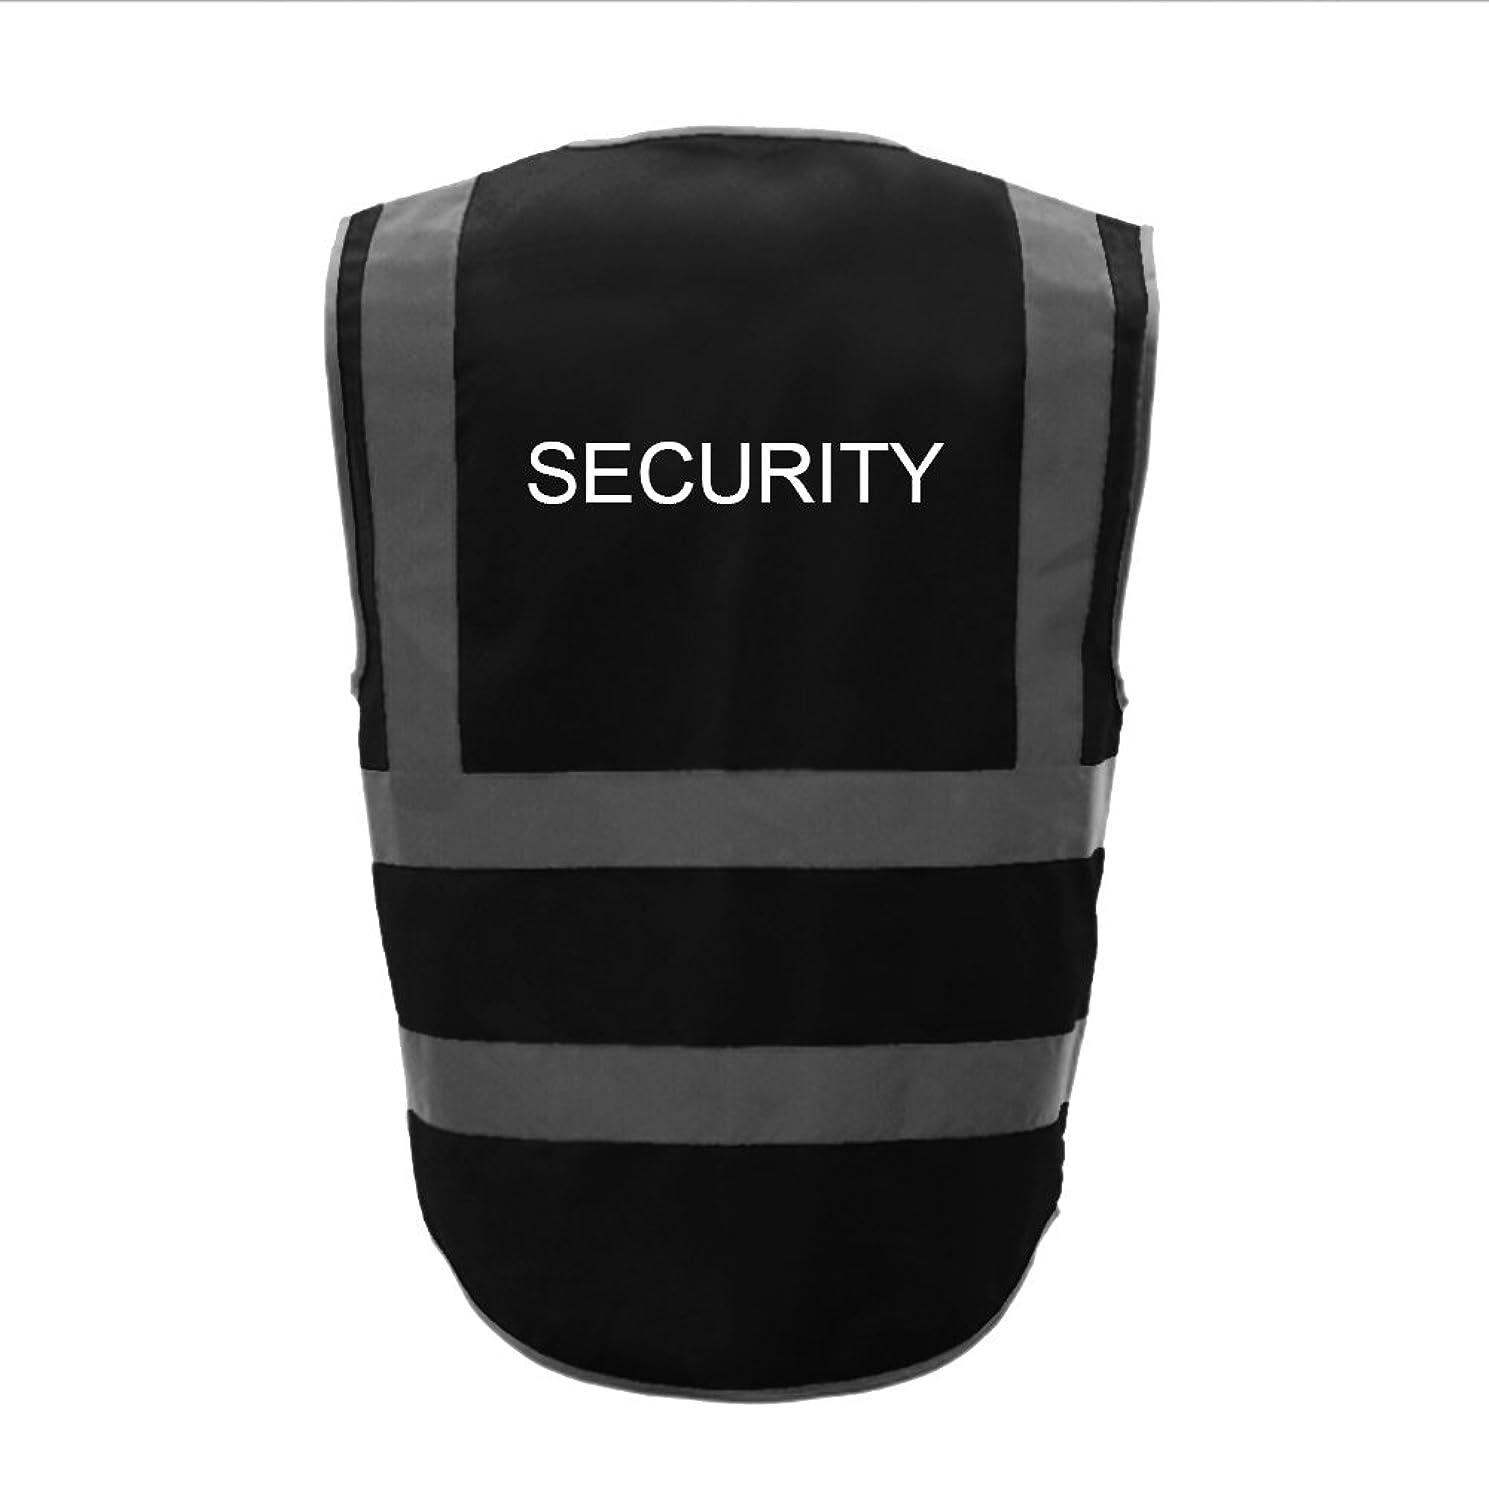 盲目受ける抽象TOPTIE 50ピースセキュリティ8ポケットジッパーフロント高視認性反射安全ベスト卸売 - ブラック - M